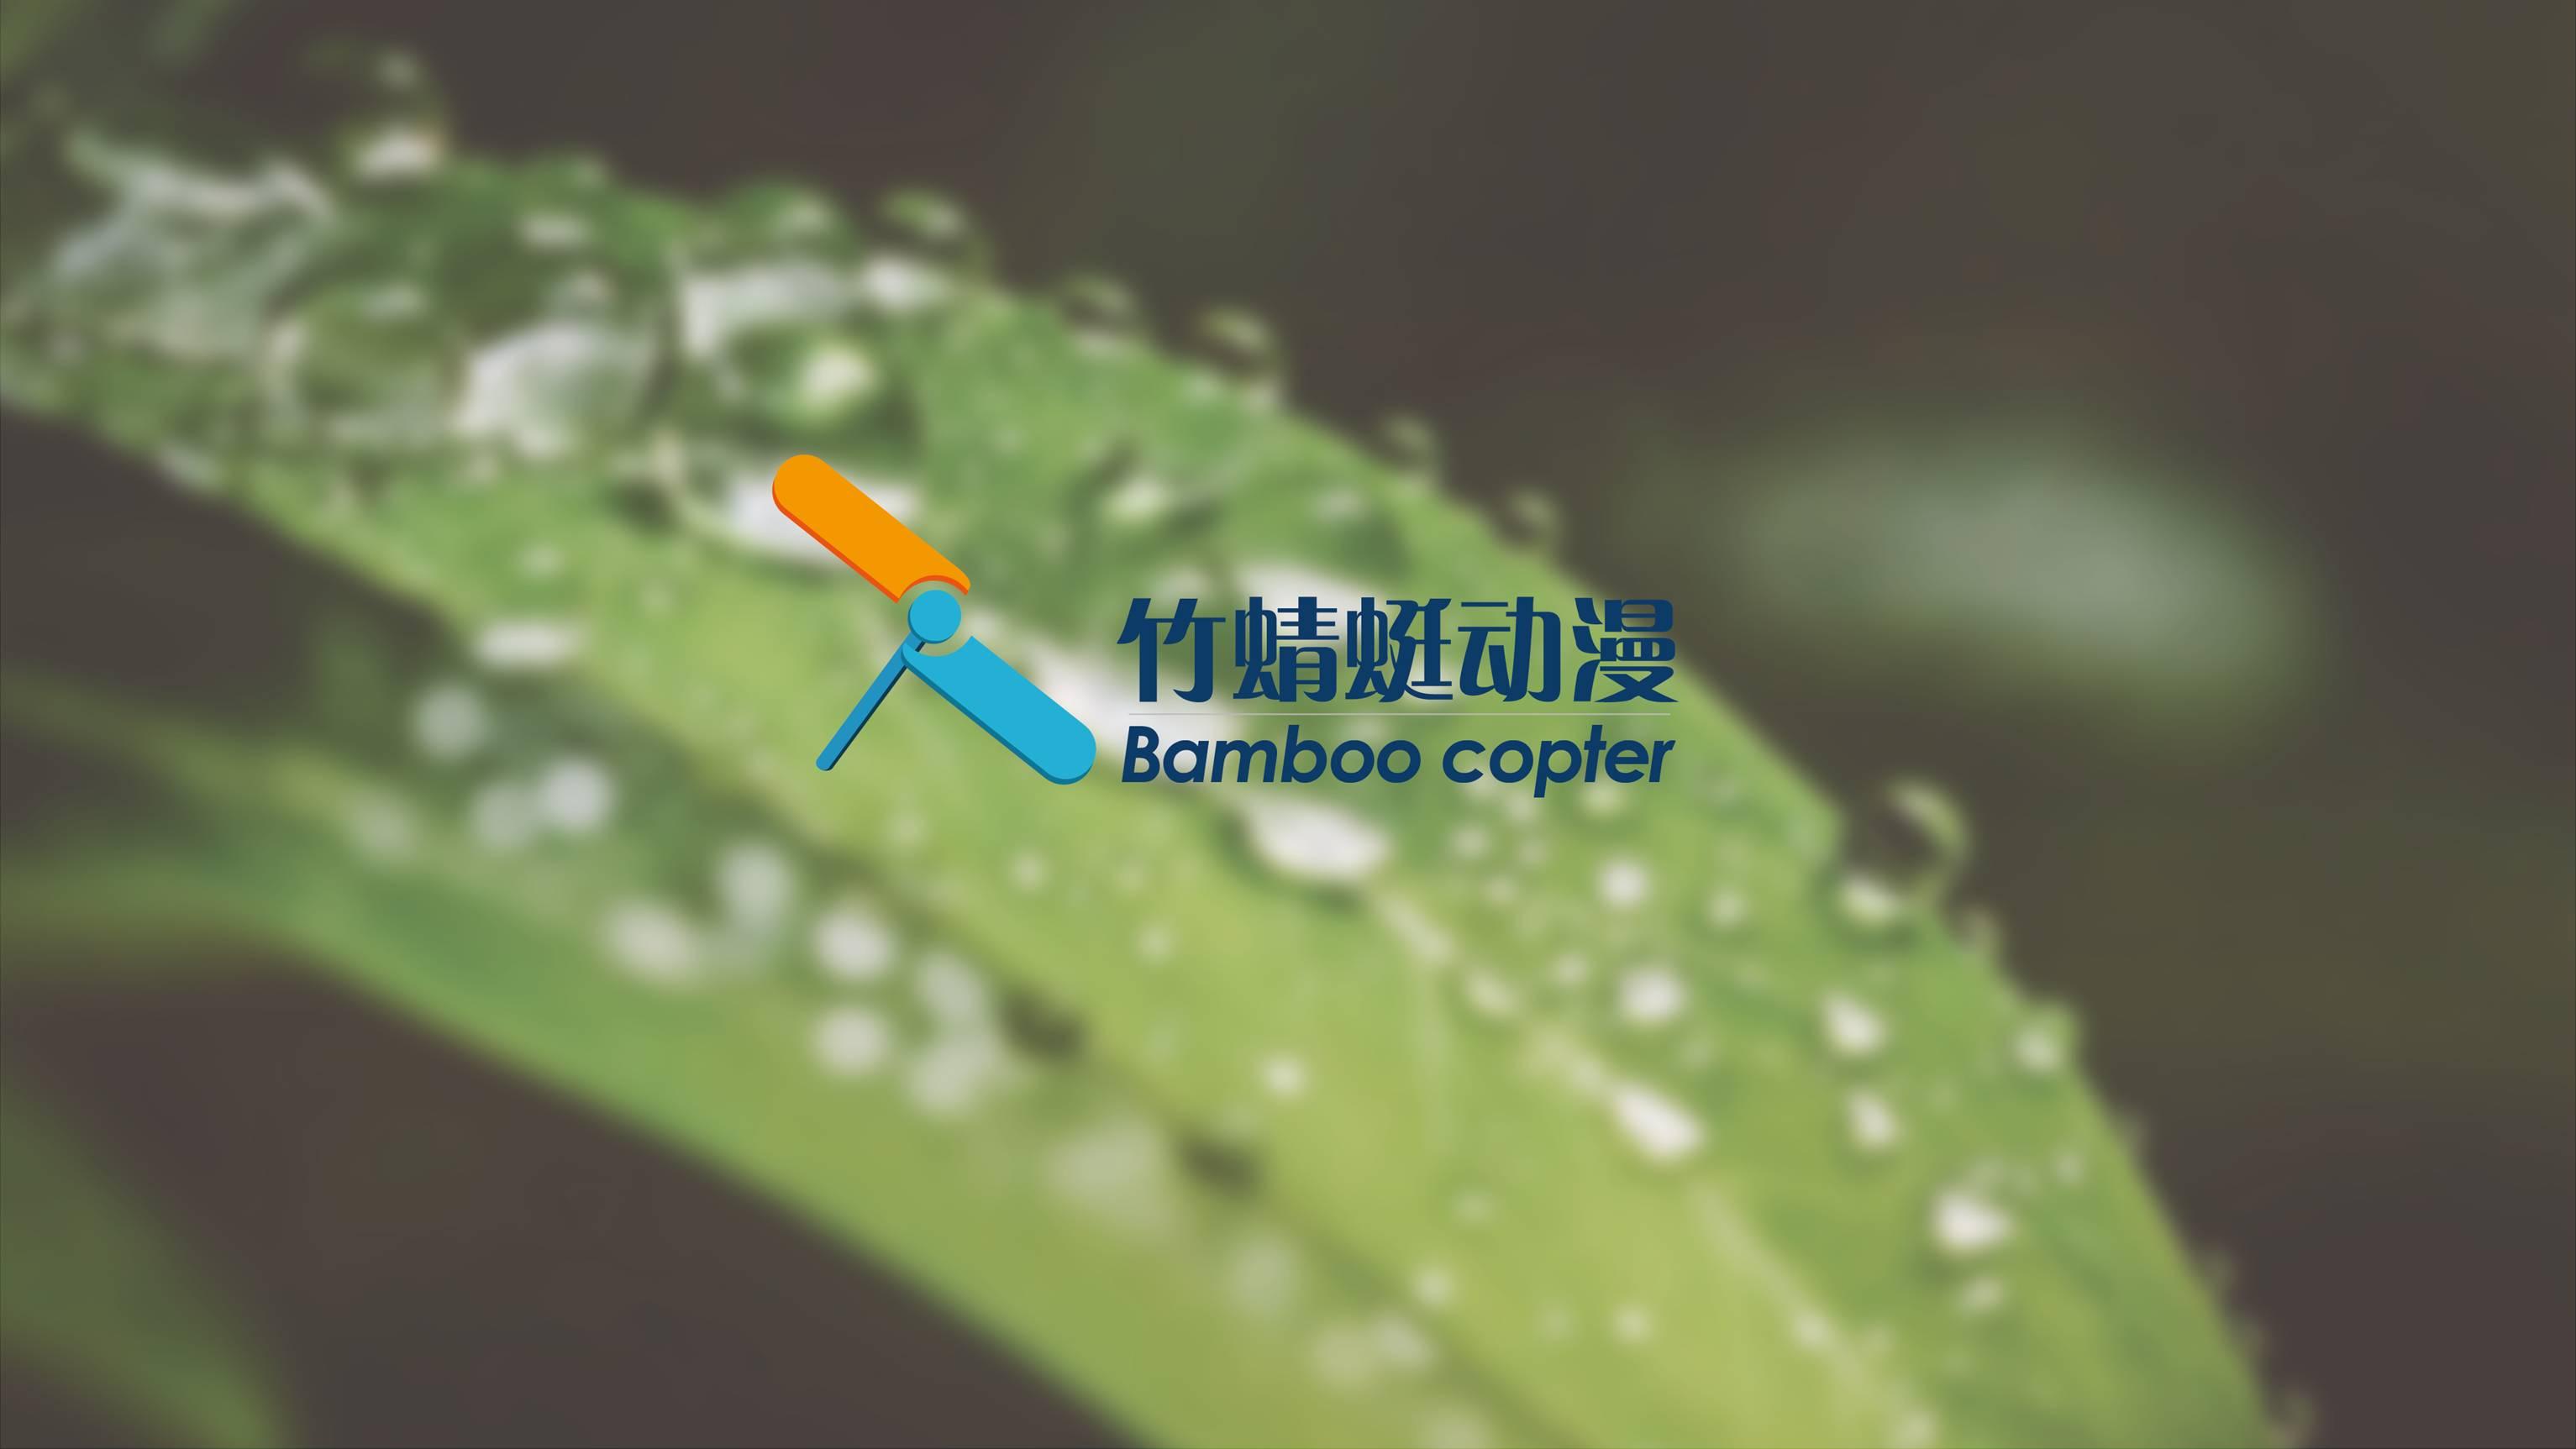 竹蜻蜓動漫科技2